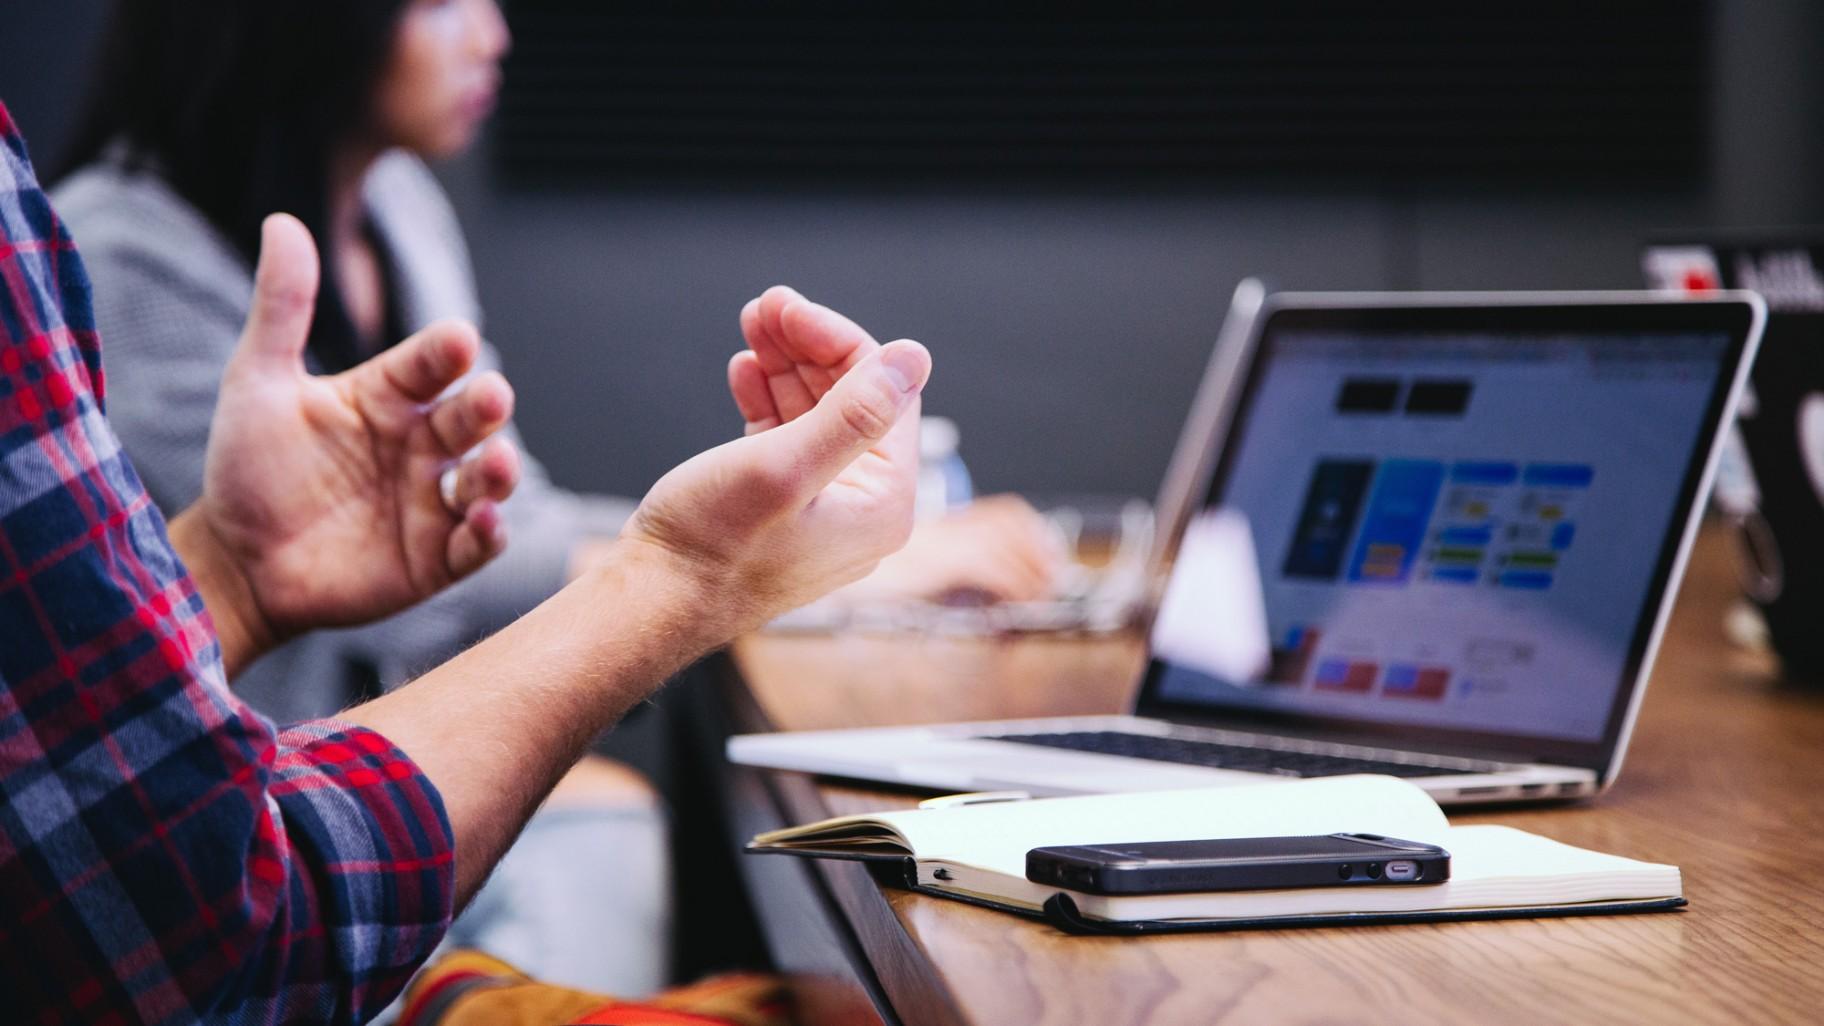 次世代への事業承継のためのロードマップ作成支援